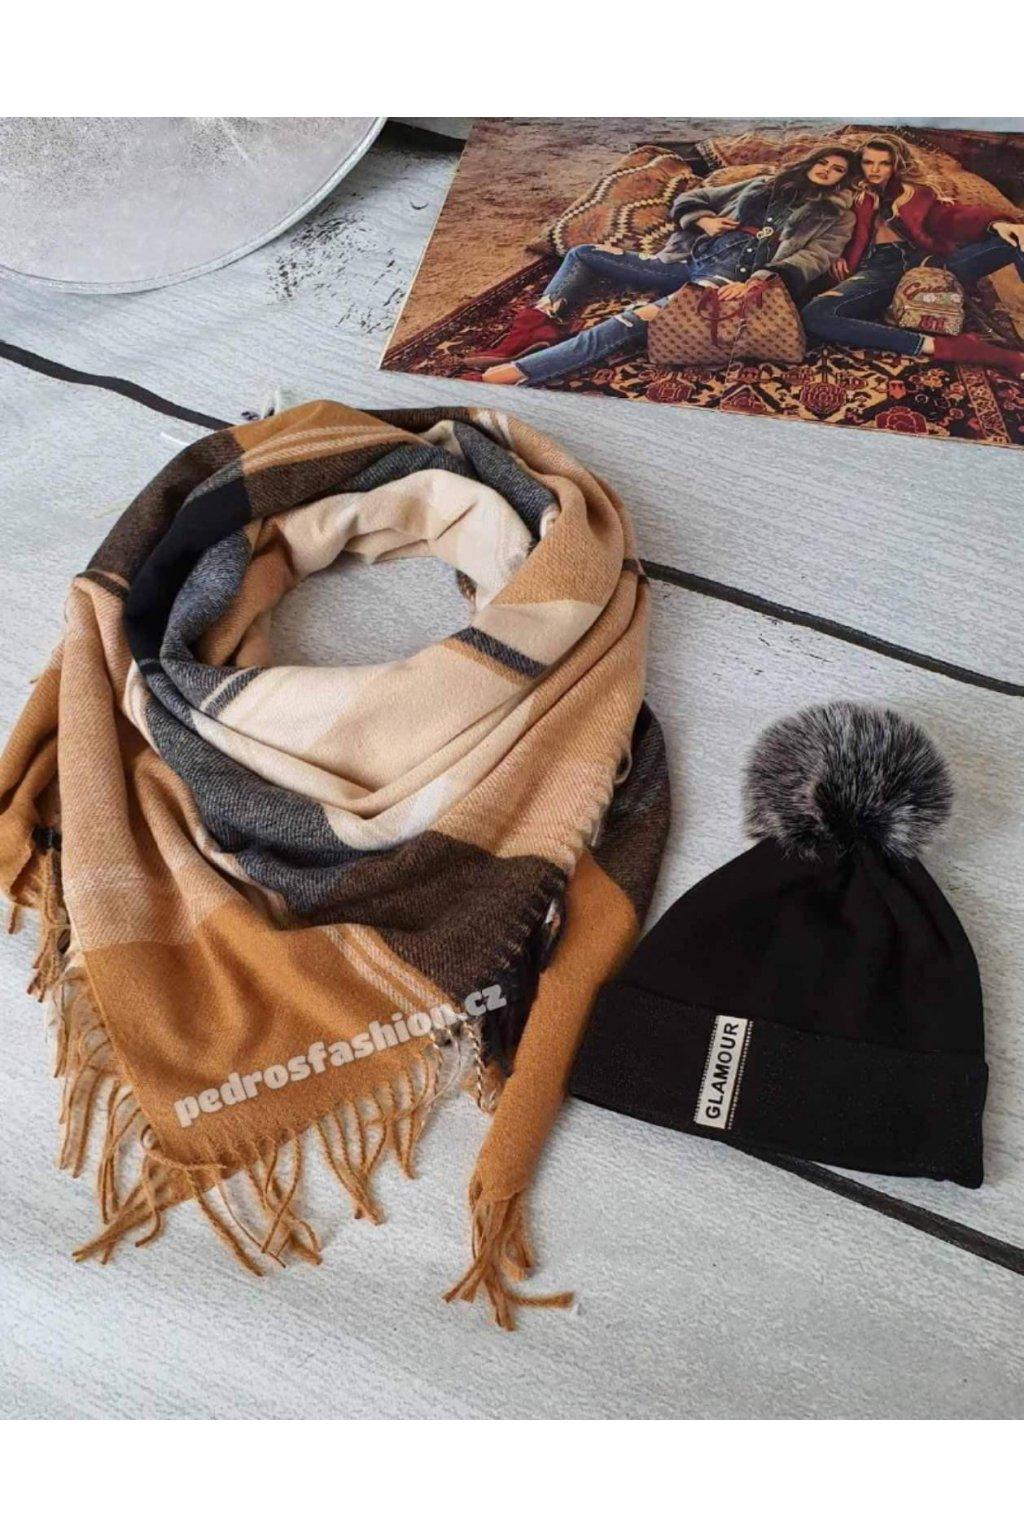 Sladěný set čepice a šátku v kombinaci hnědé, béžové a černé barvy